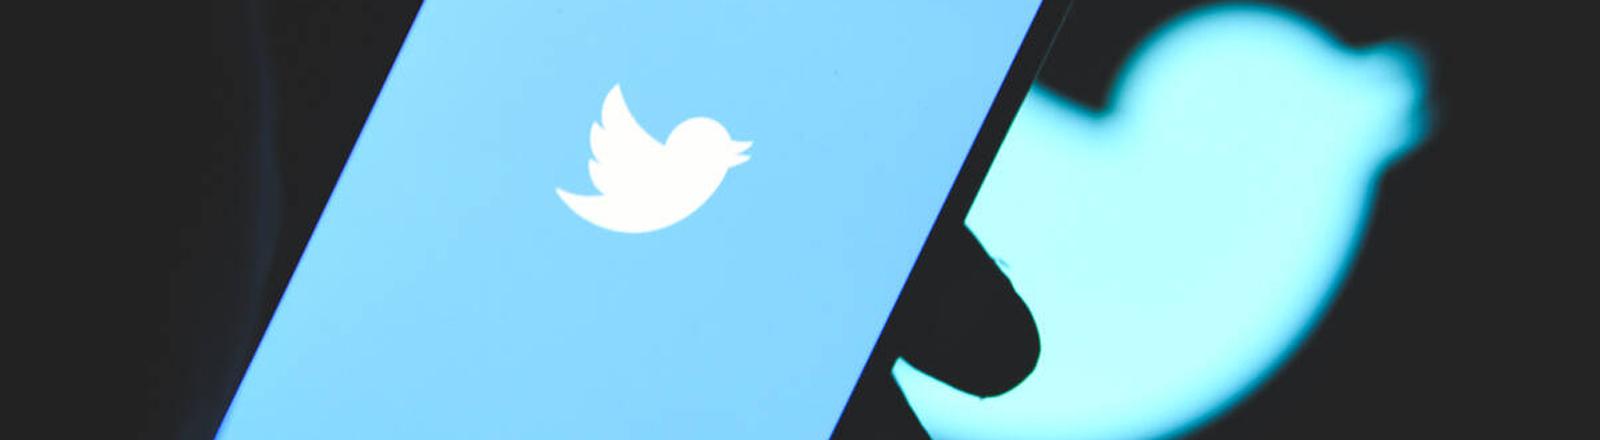 Das Twitter-Logo auf einem Handy.